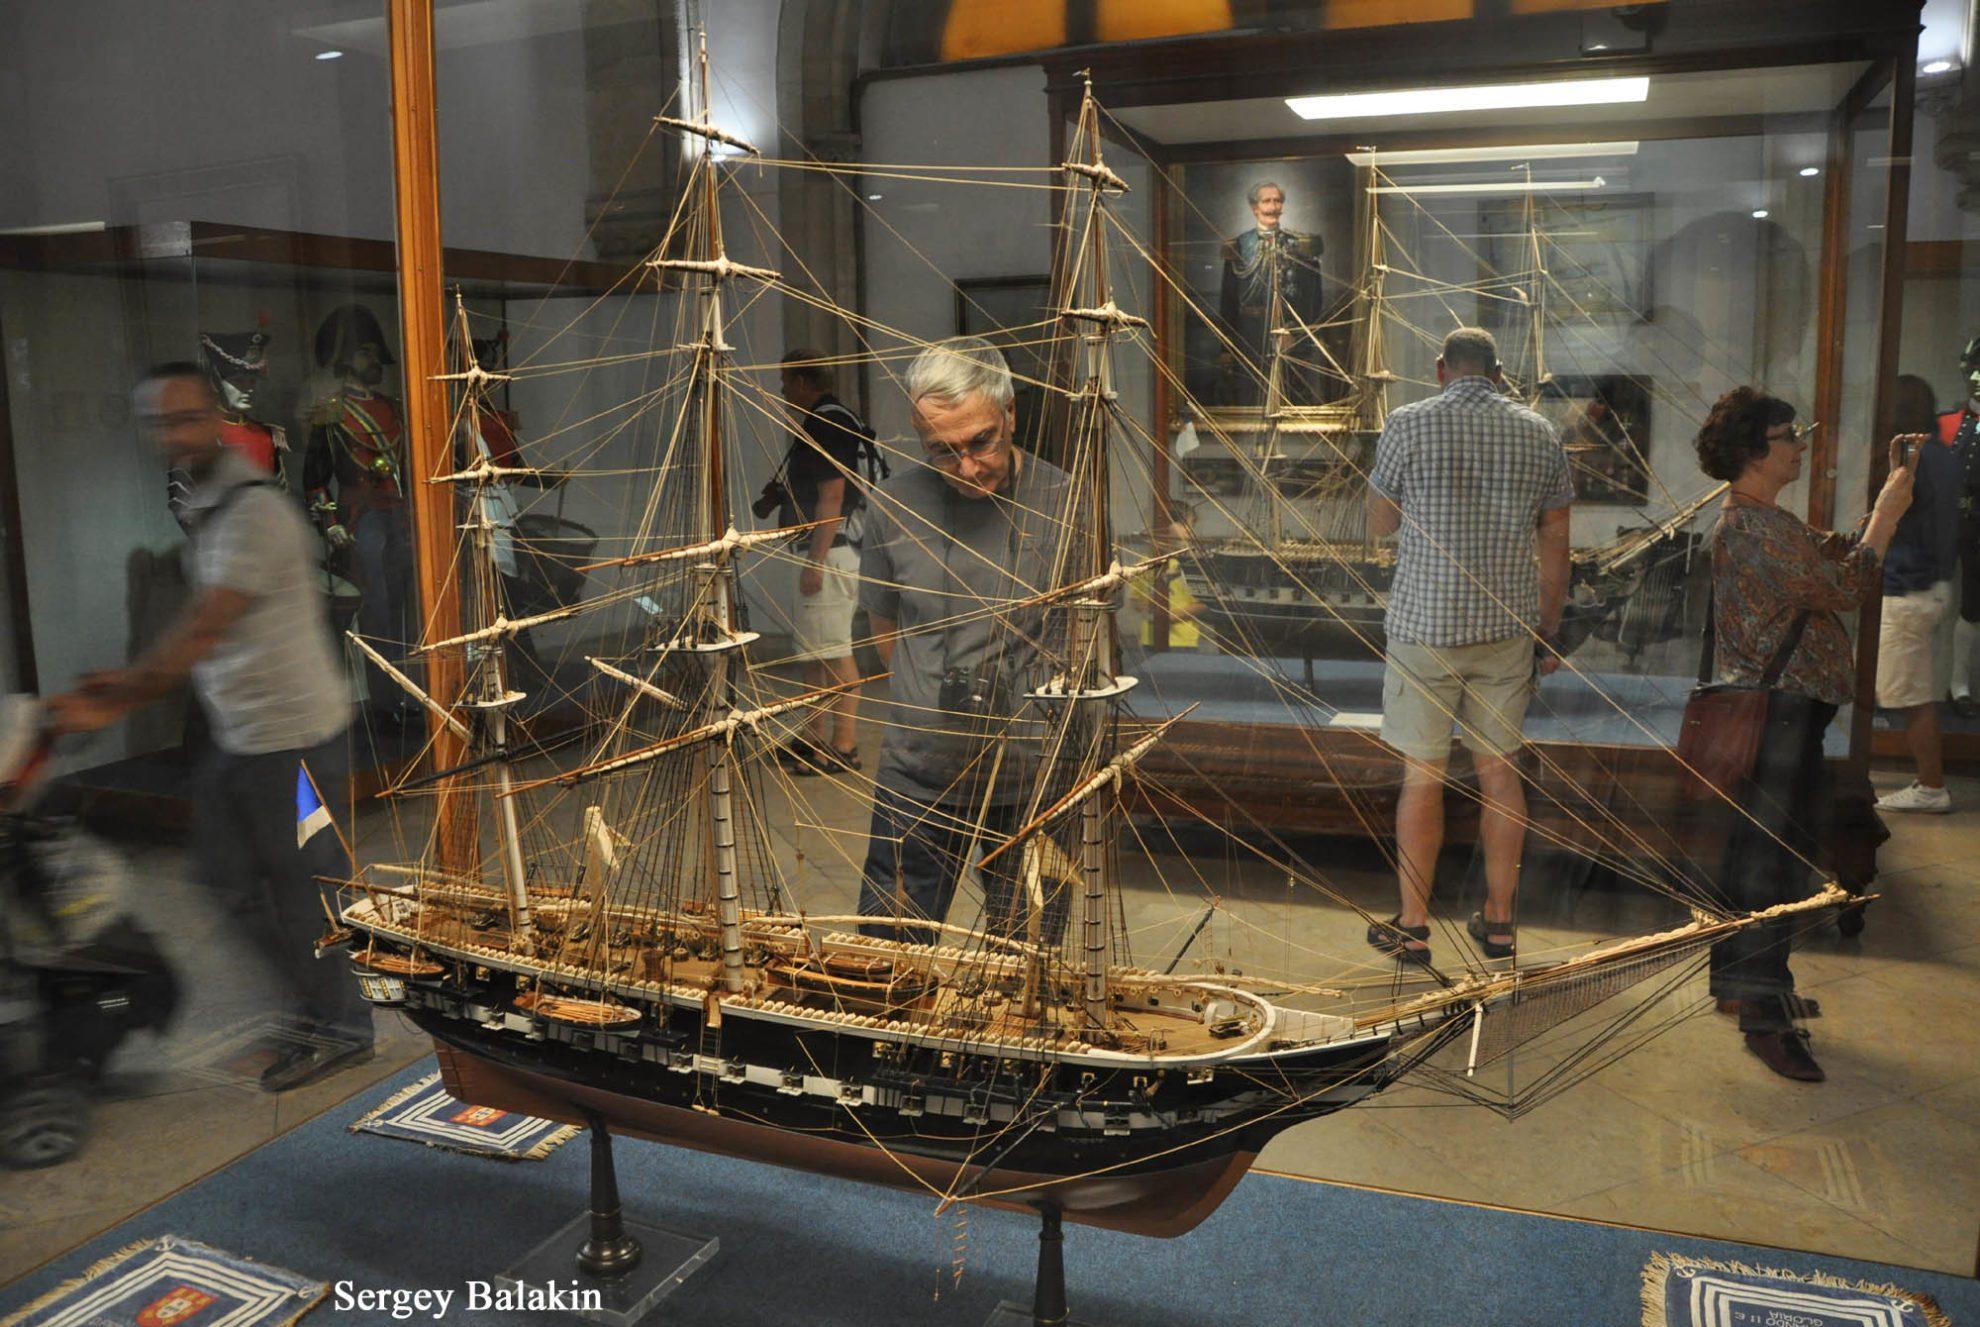 Модель фрегата «Дон Фернанду II э Глория» в экспозиции Морского музея в Лиссабоне.